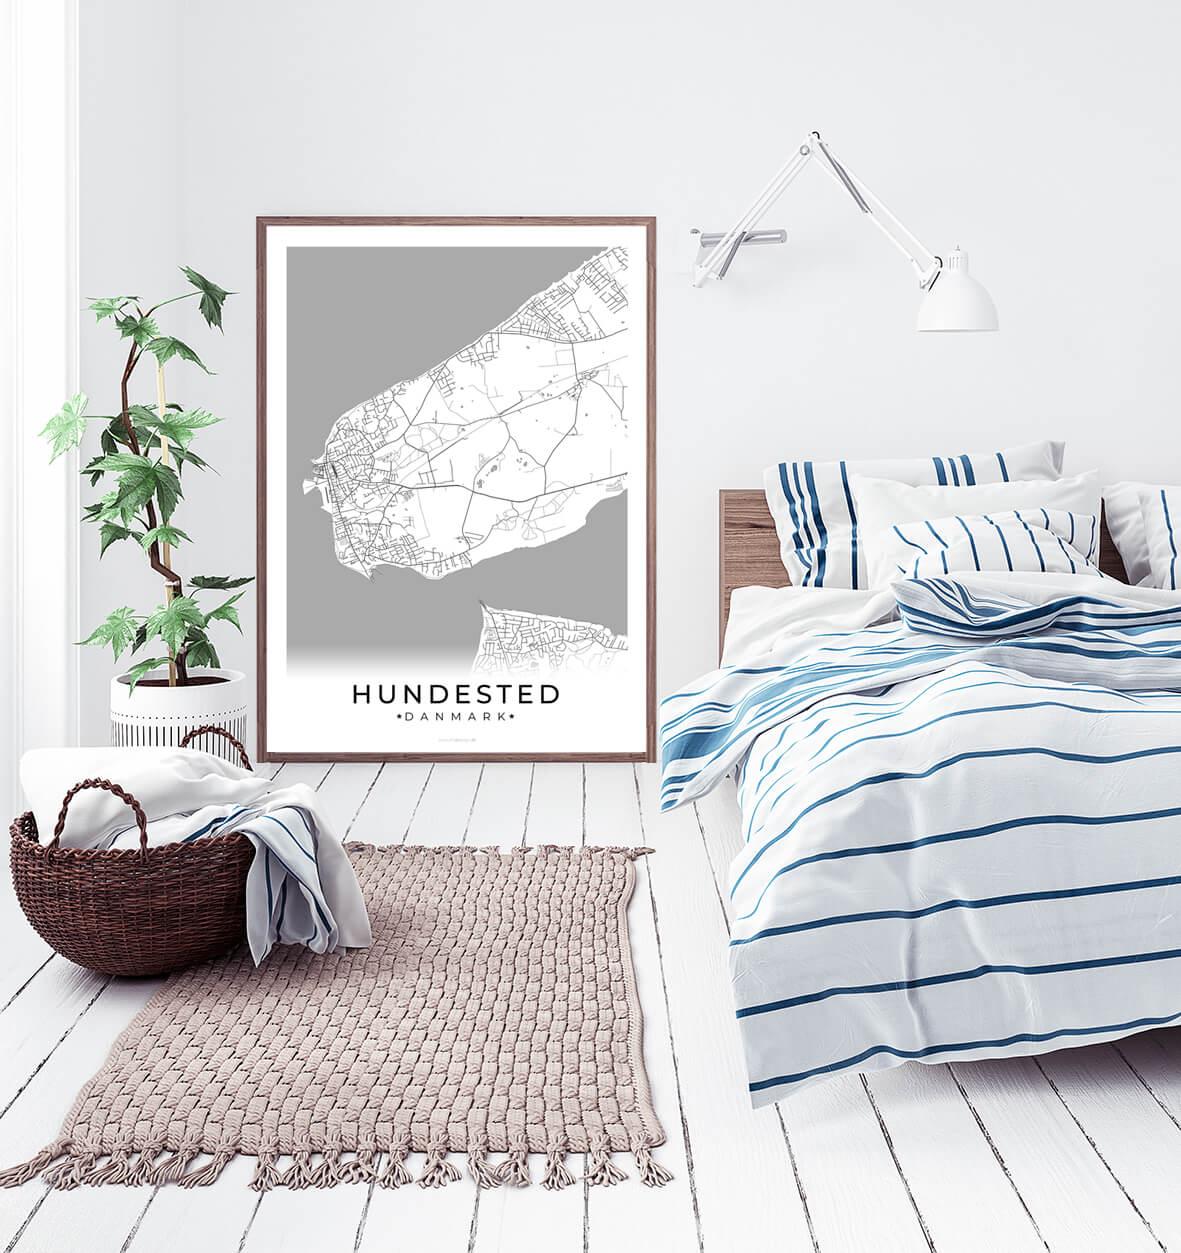 Hundested-hvid-byplakat-2